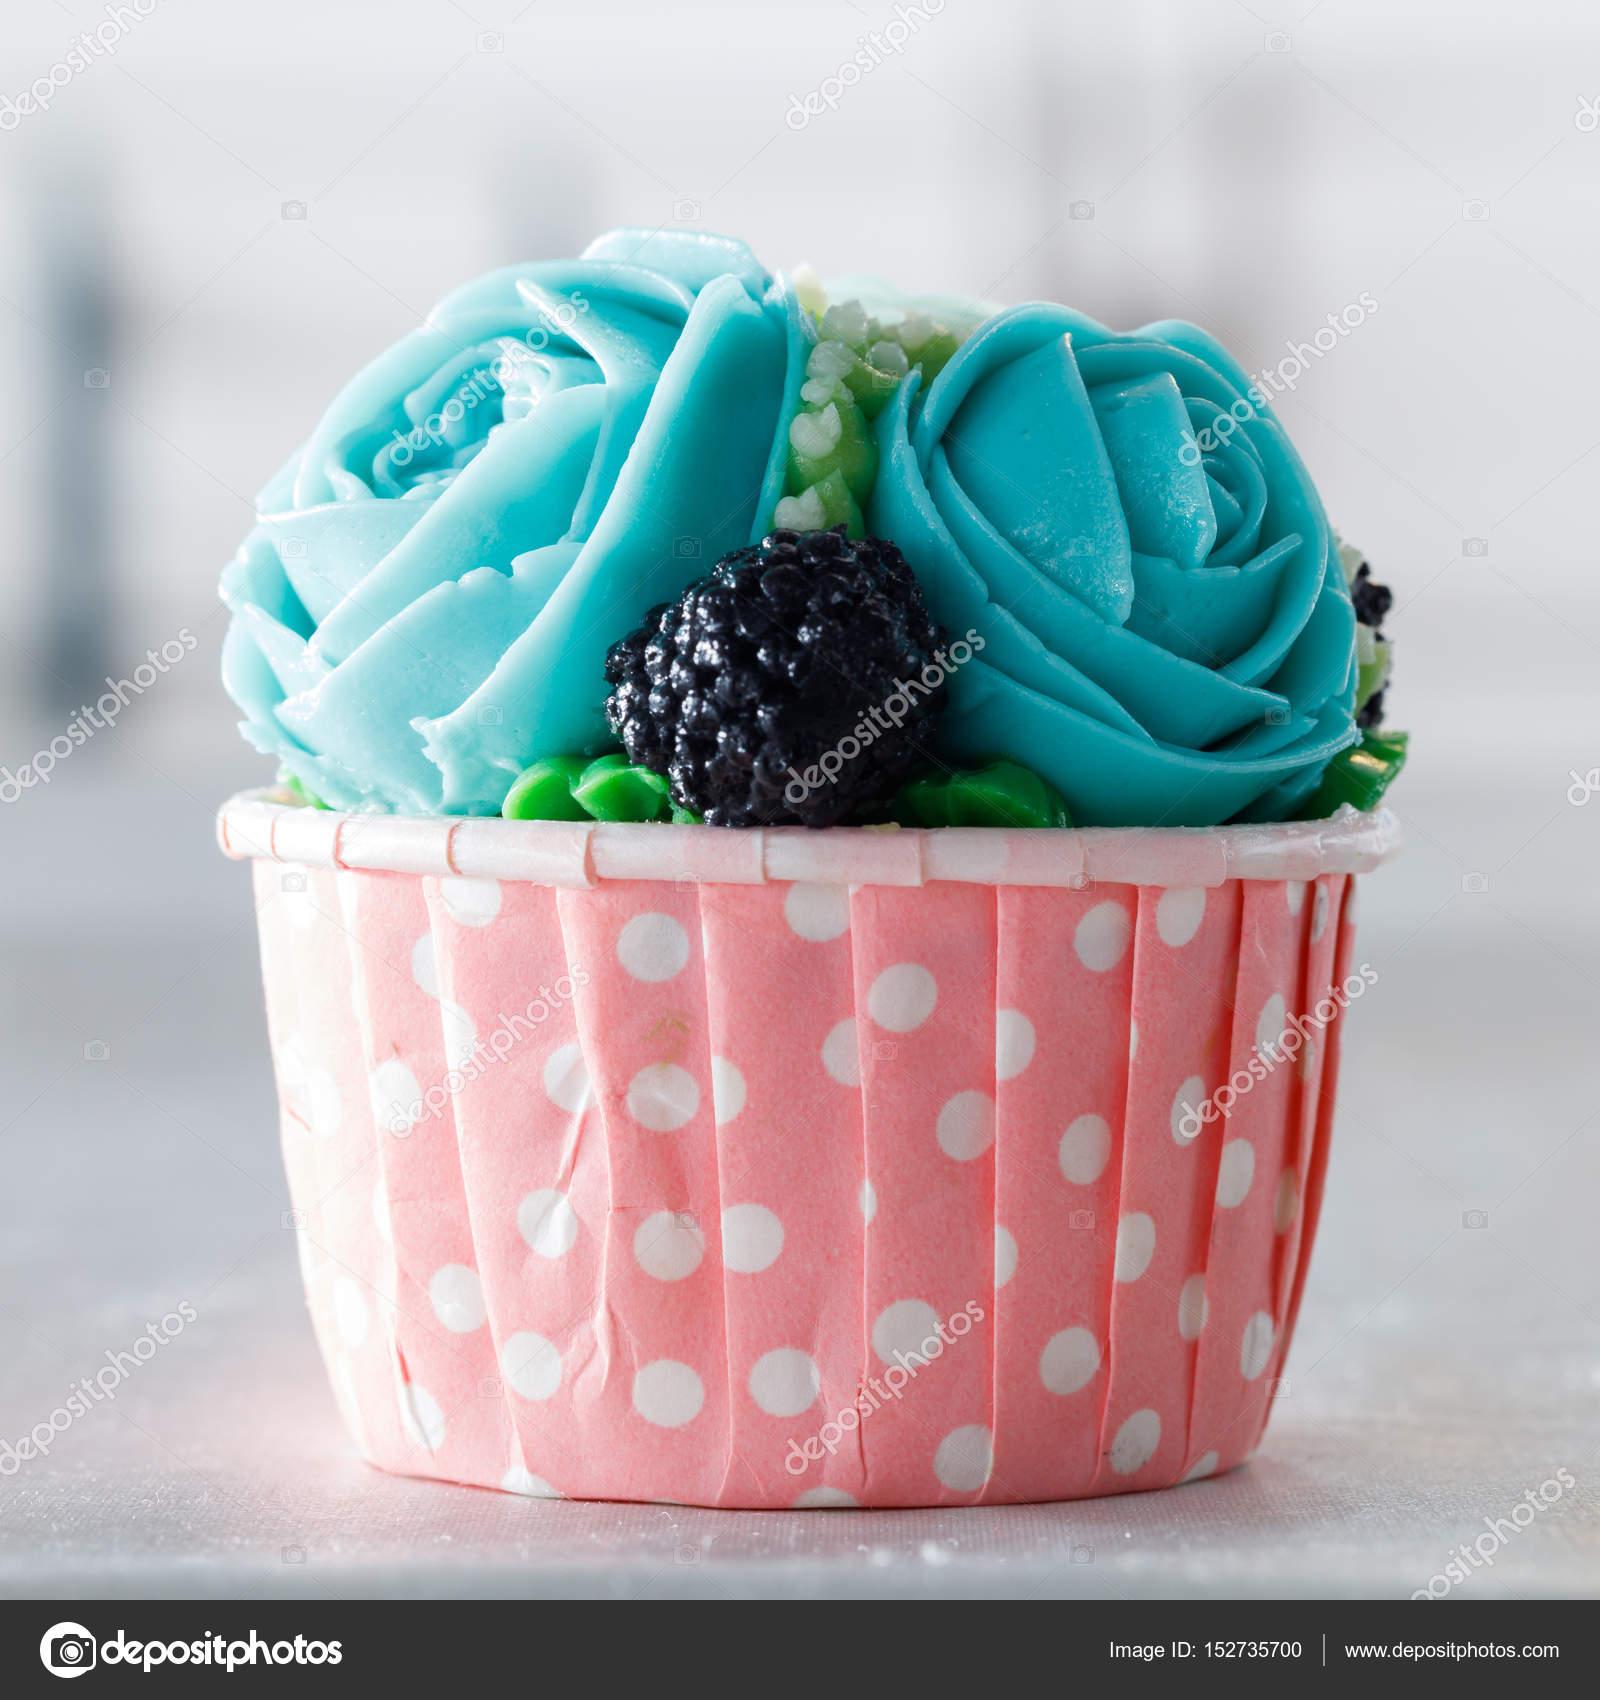 Schone Kuchen Verziert Mit Blume Aus Bunten Susse Buttercreme